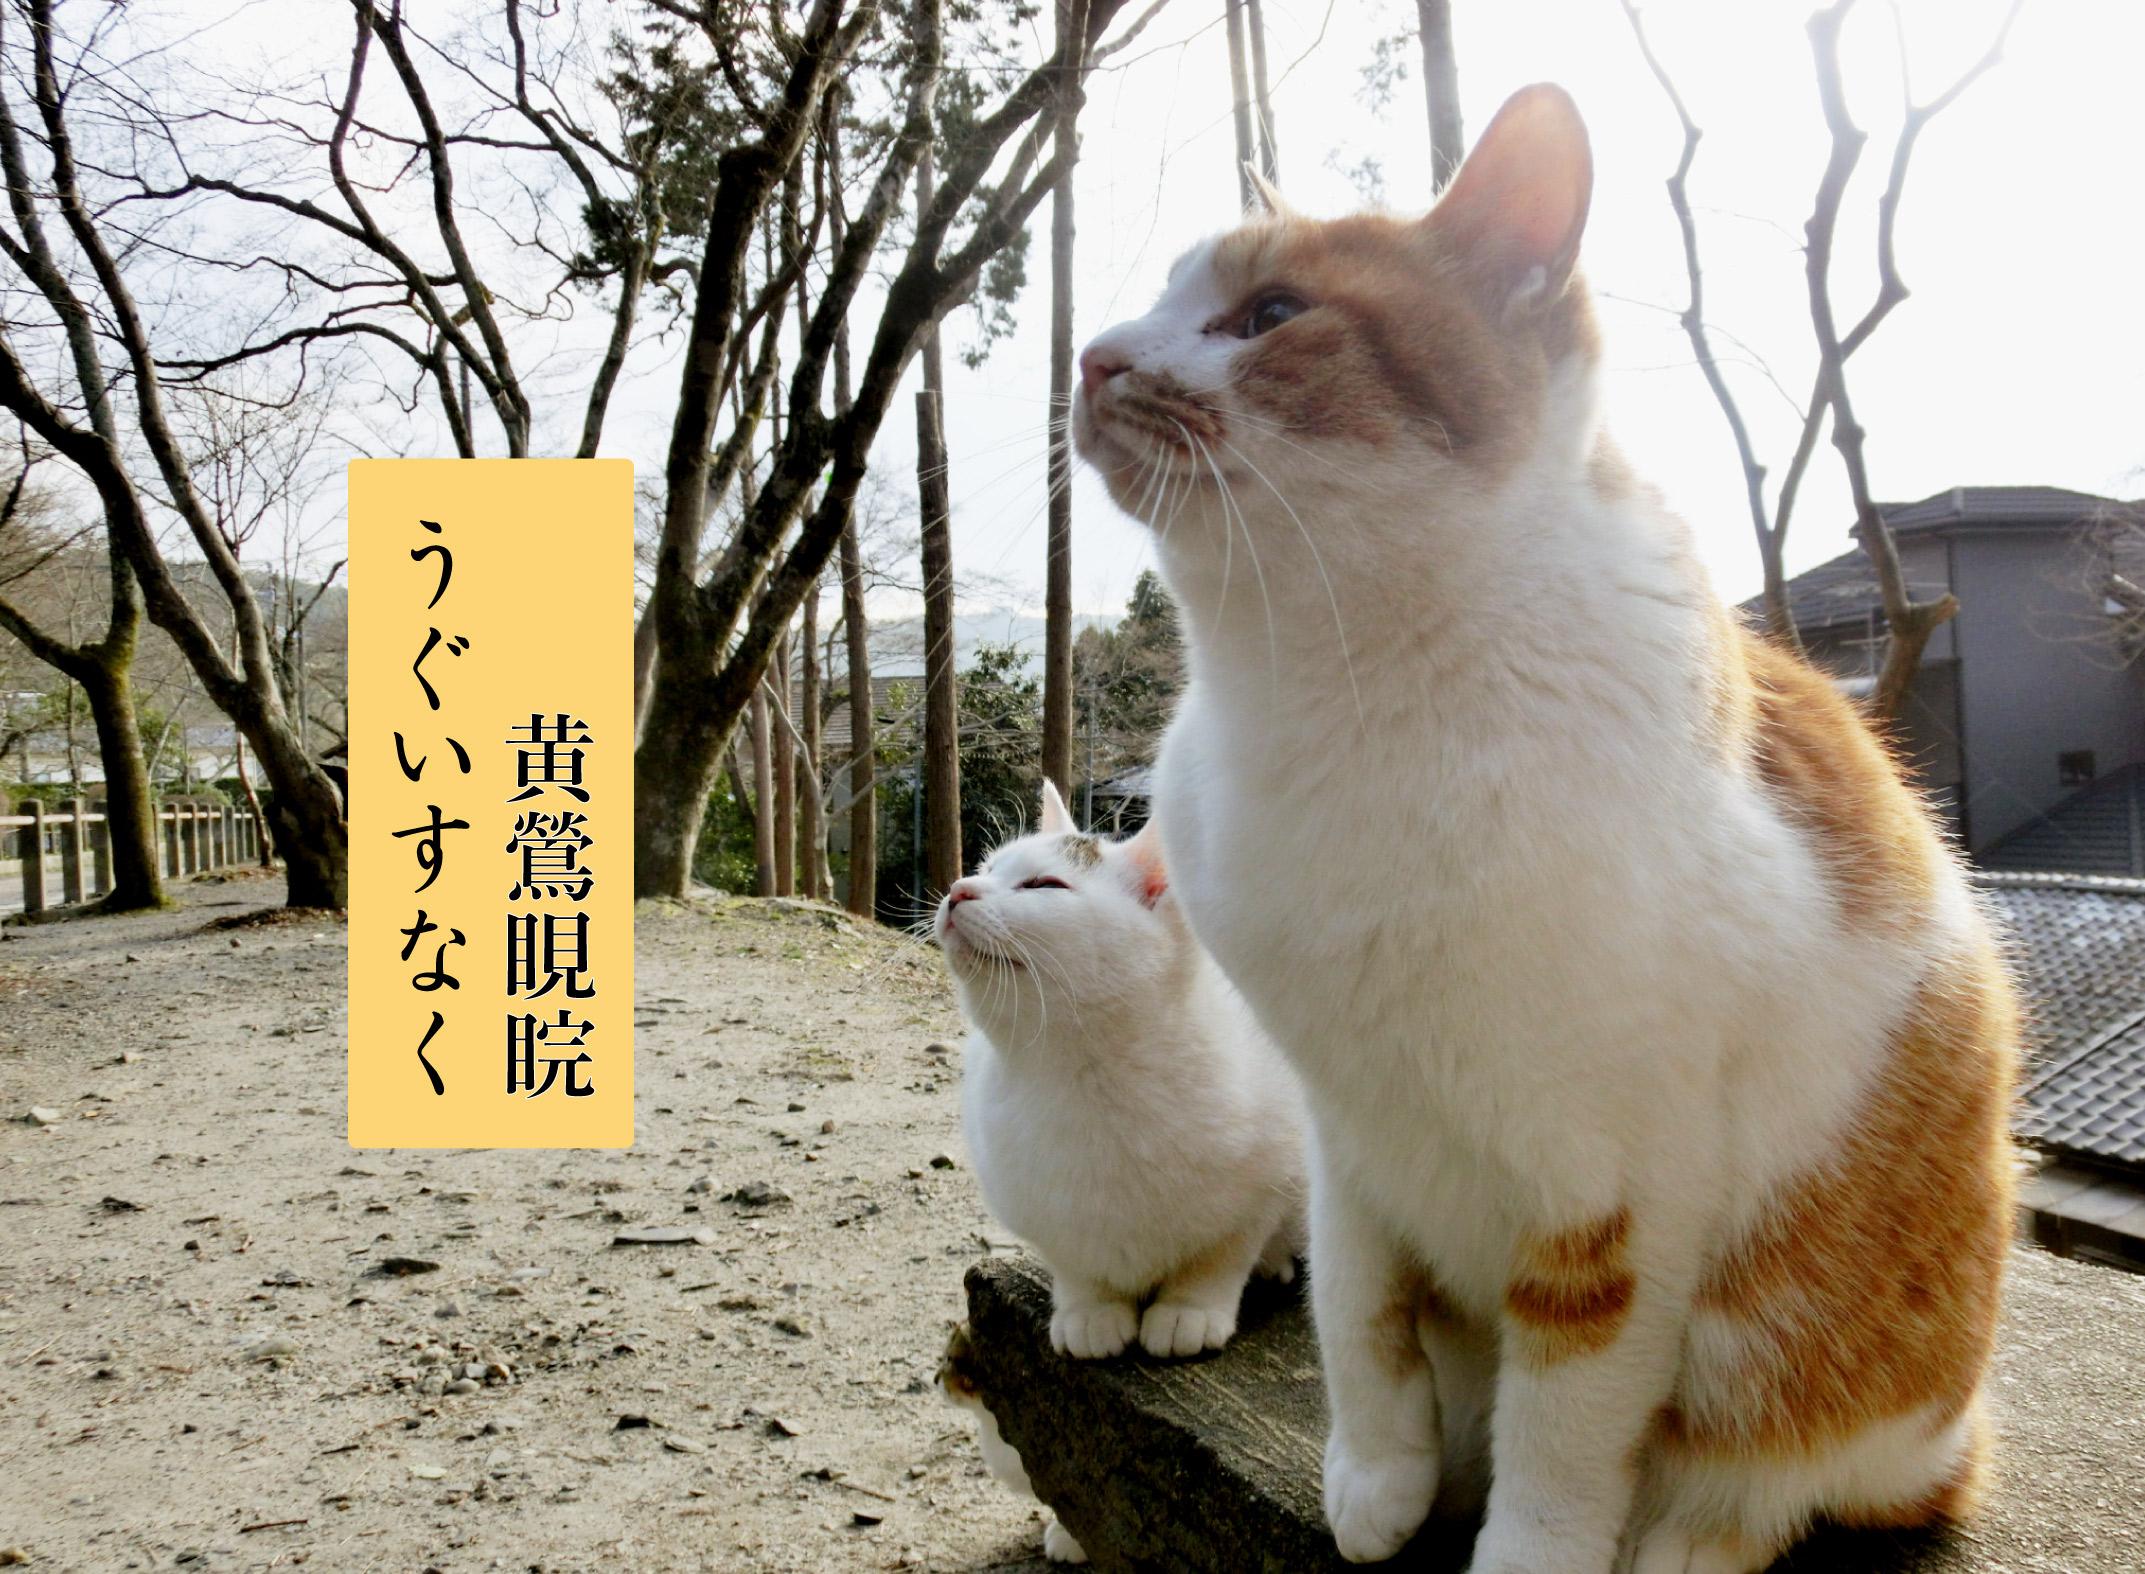 猫と黄鶯睍睆